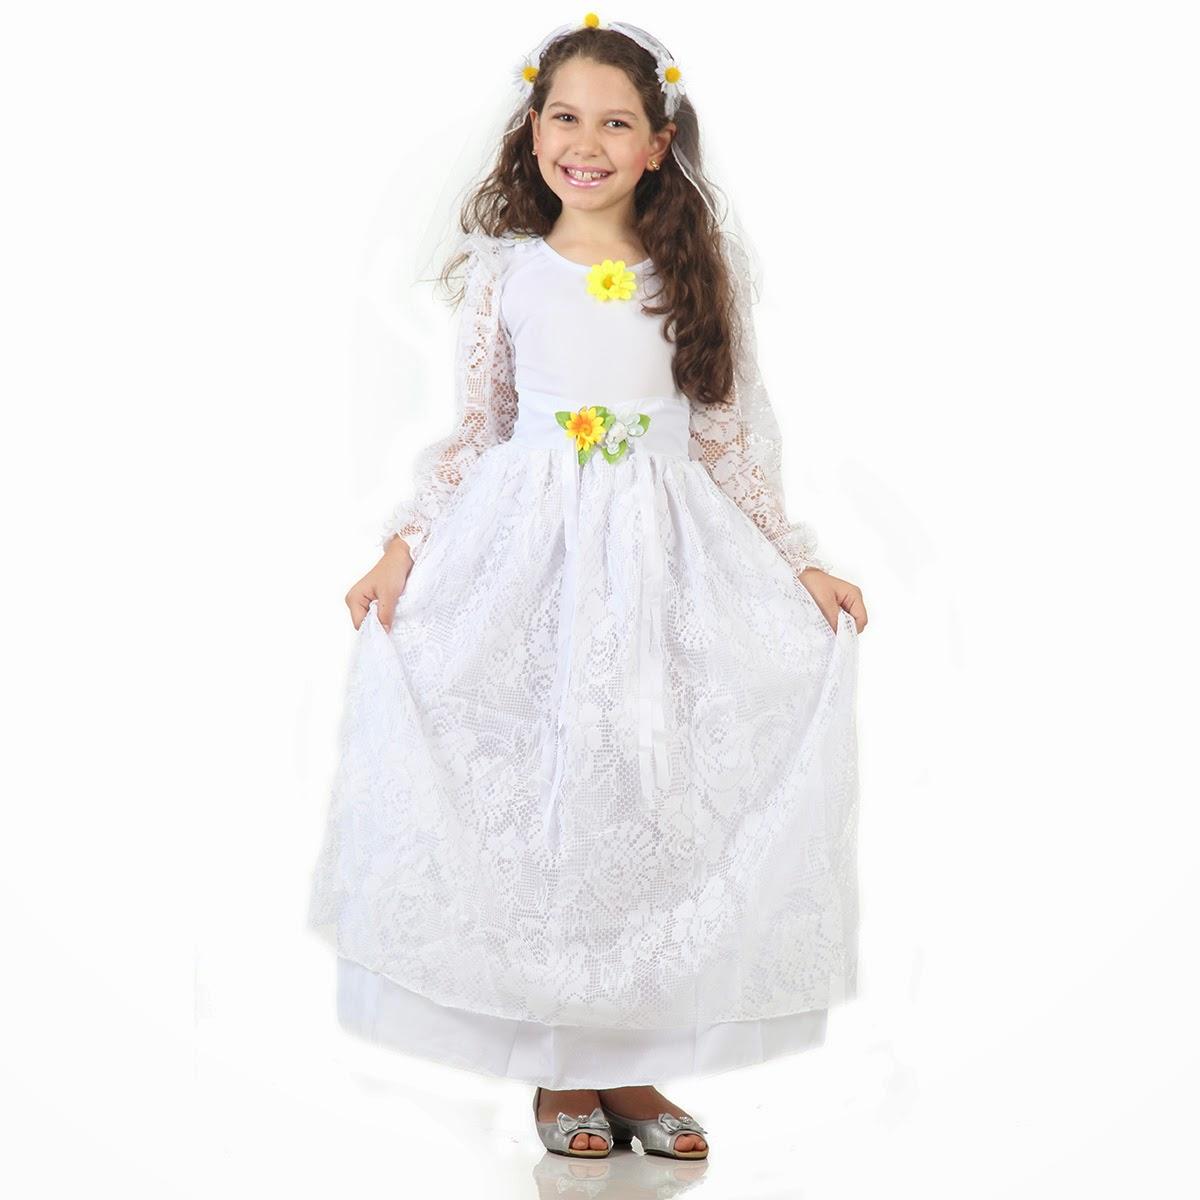 http://www.multkoisas.com.br/ecommerce_site/produto_40513_6726_Fantasia-Noiva-Luxo